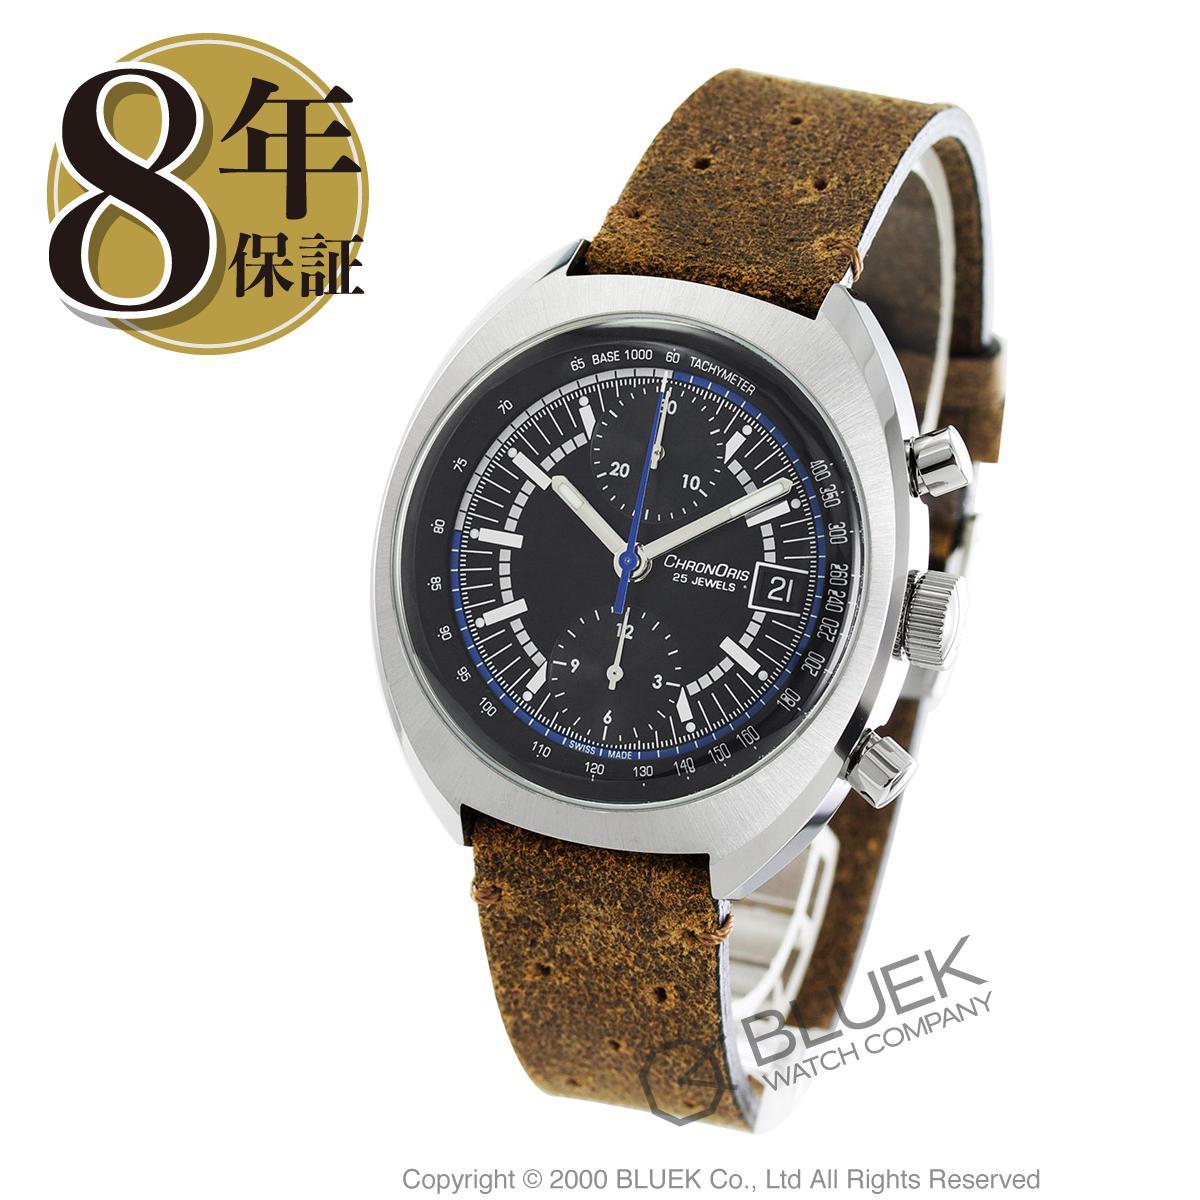 オリス クロノリス ウィリアムズ 40thアニバーサリー 世界限定1000本 クロノグラフ 替えベルト付き 腕時計 メンズ ORIS 673 7739 4084F_8 バーゲン ギフト プレゼント